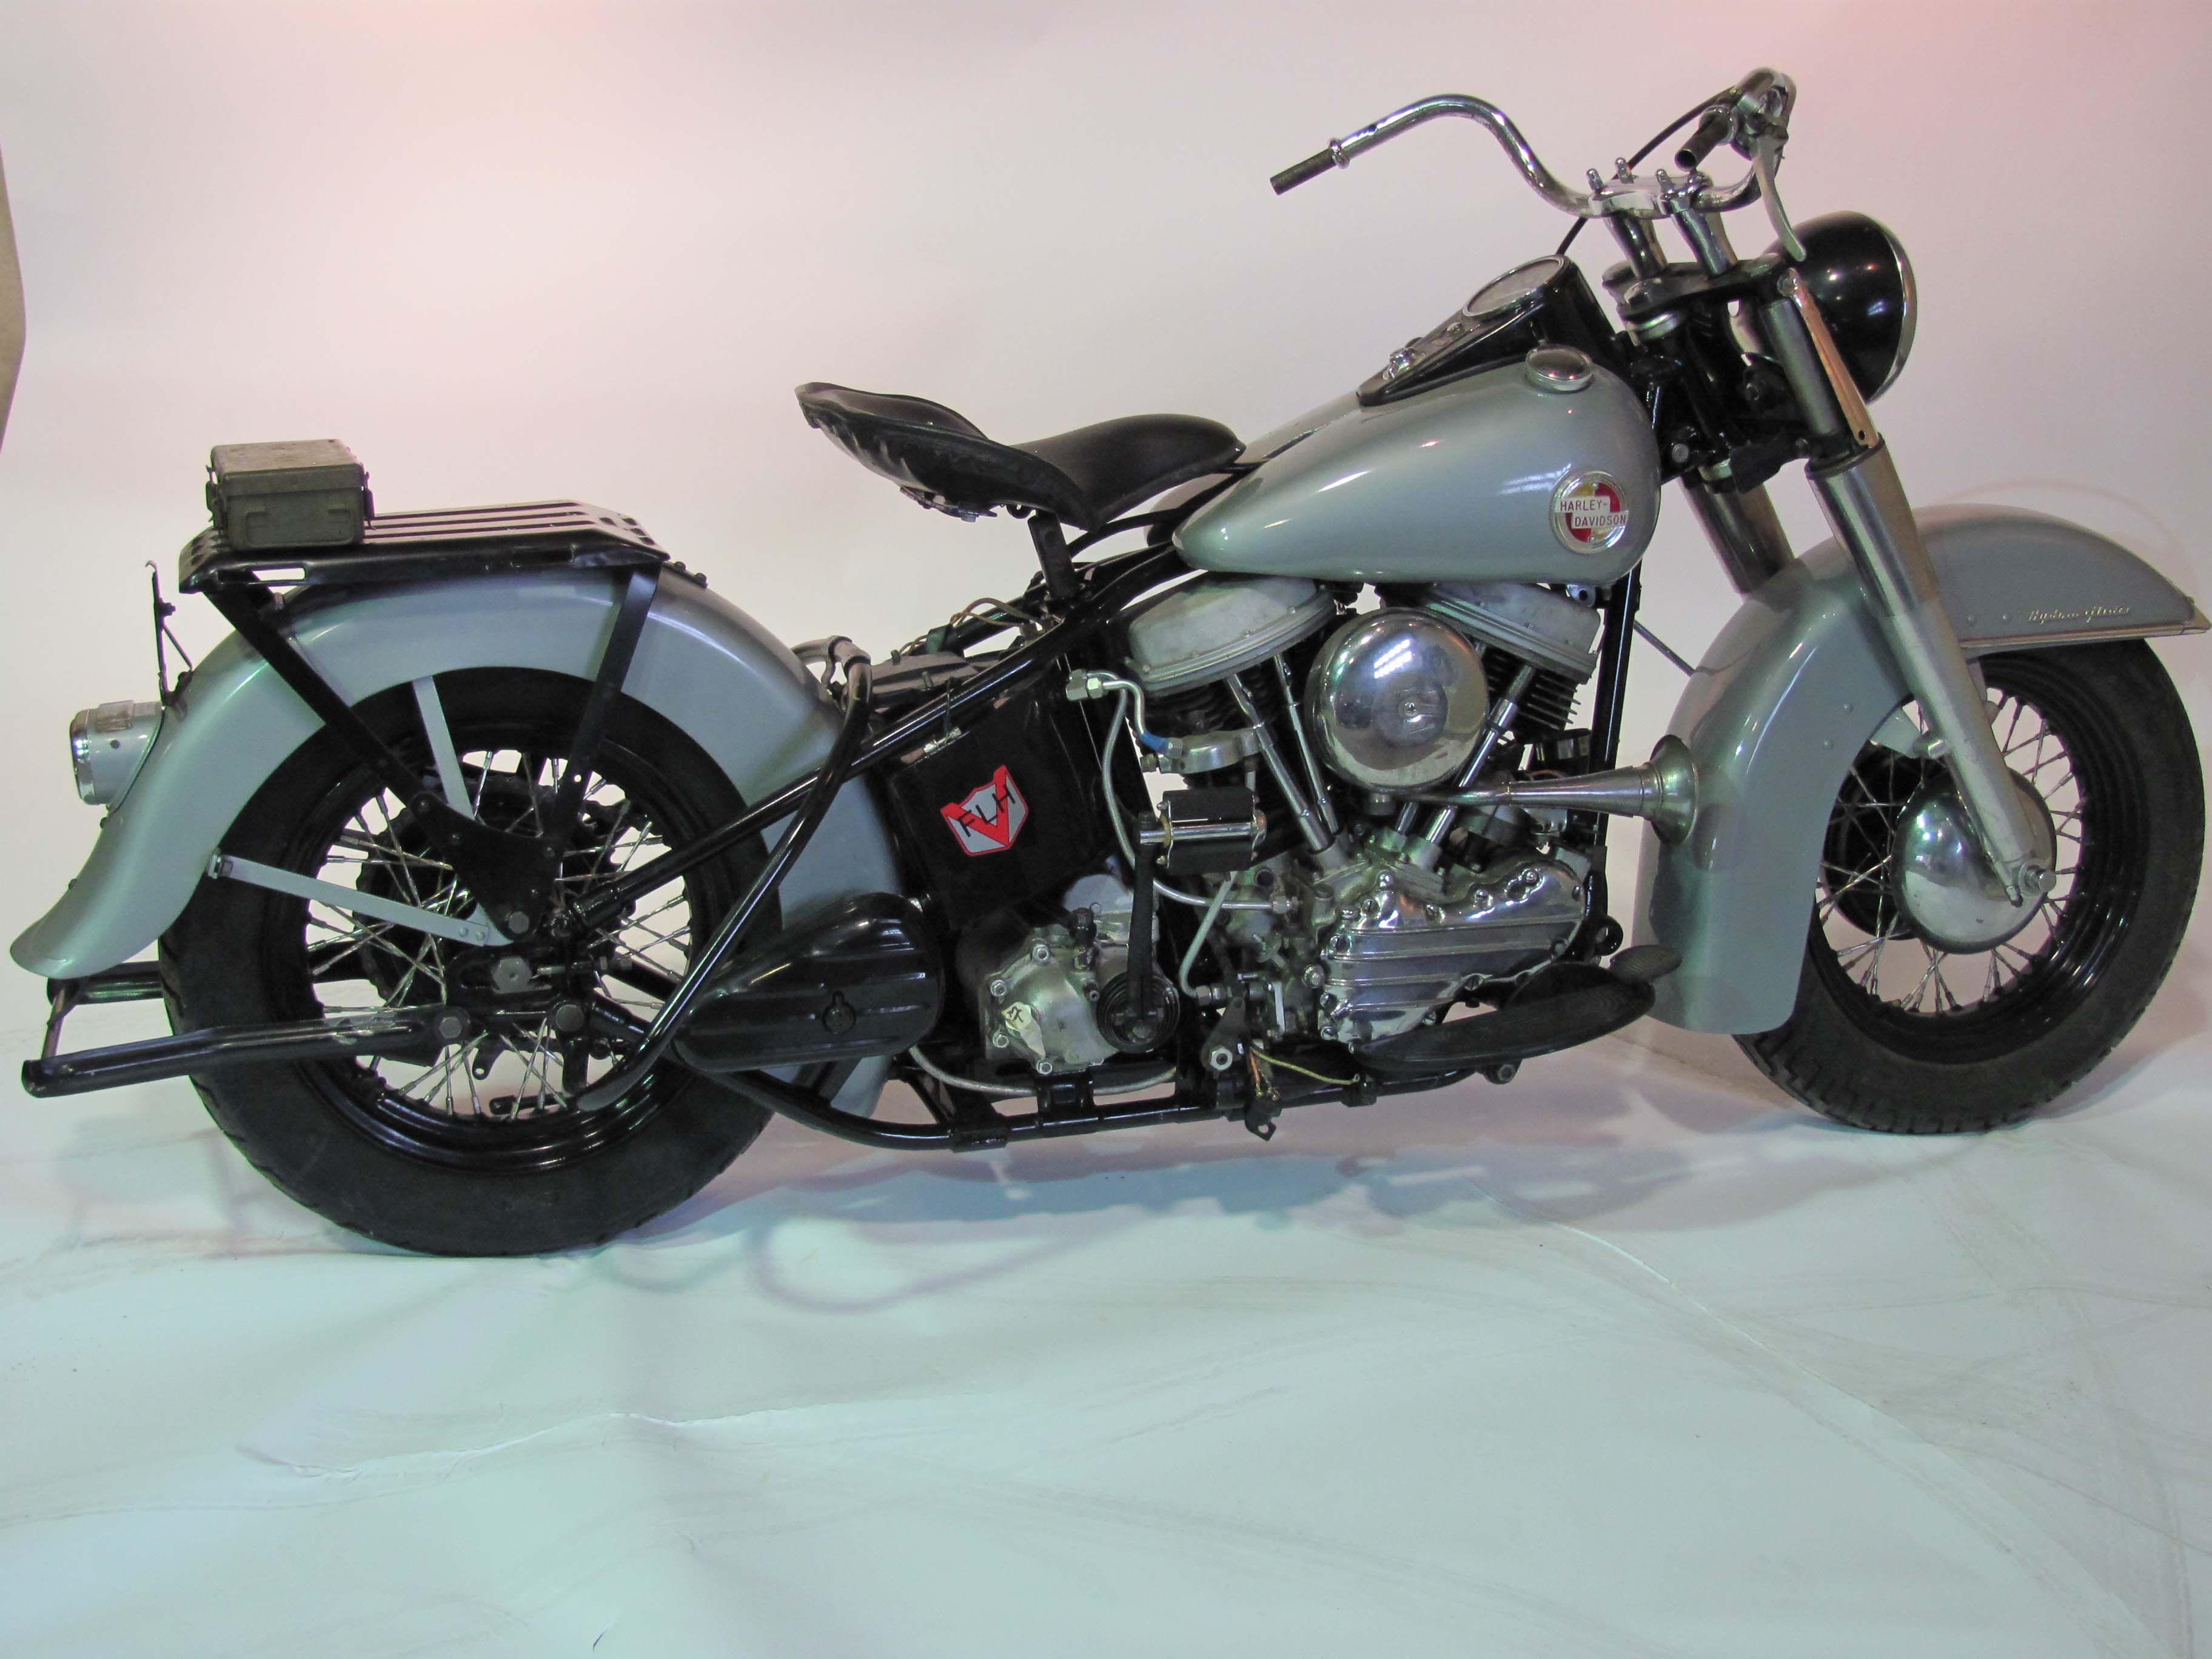 1957 Harley Davidson Flh Harley Bikes Harley Davidson Bikes Harley Davidson Panhead